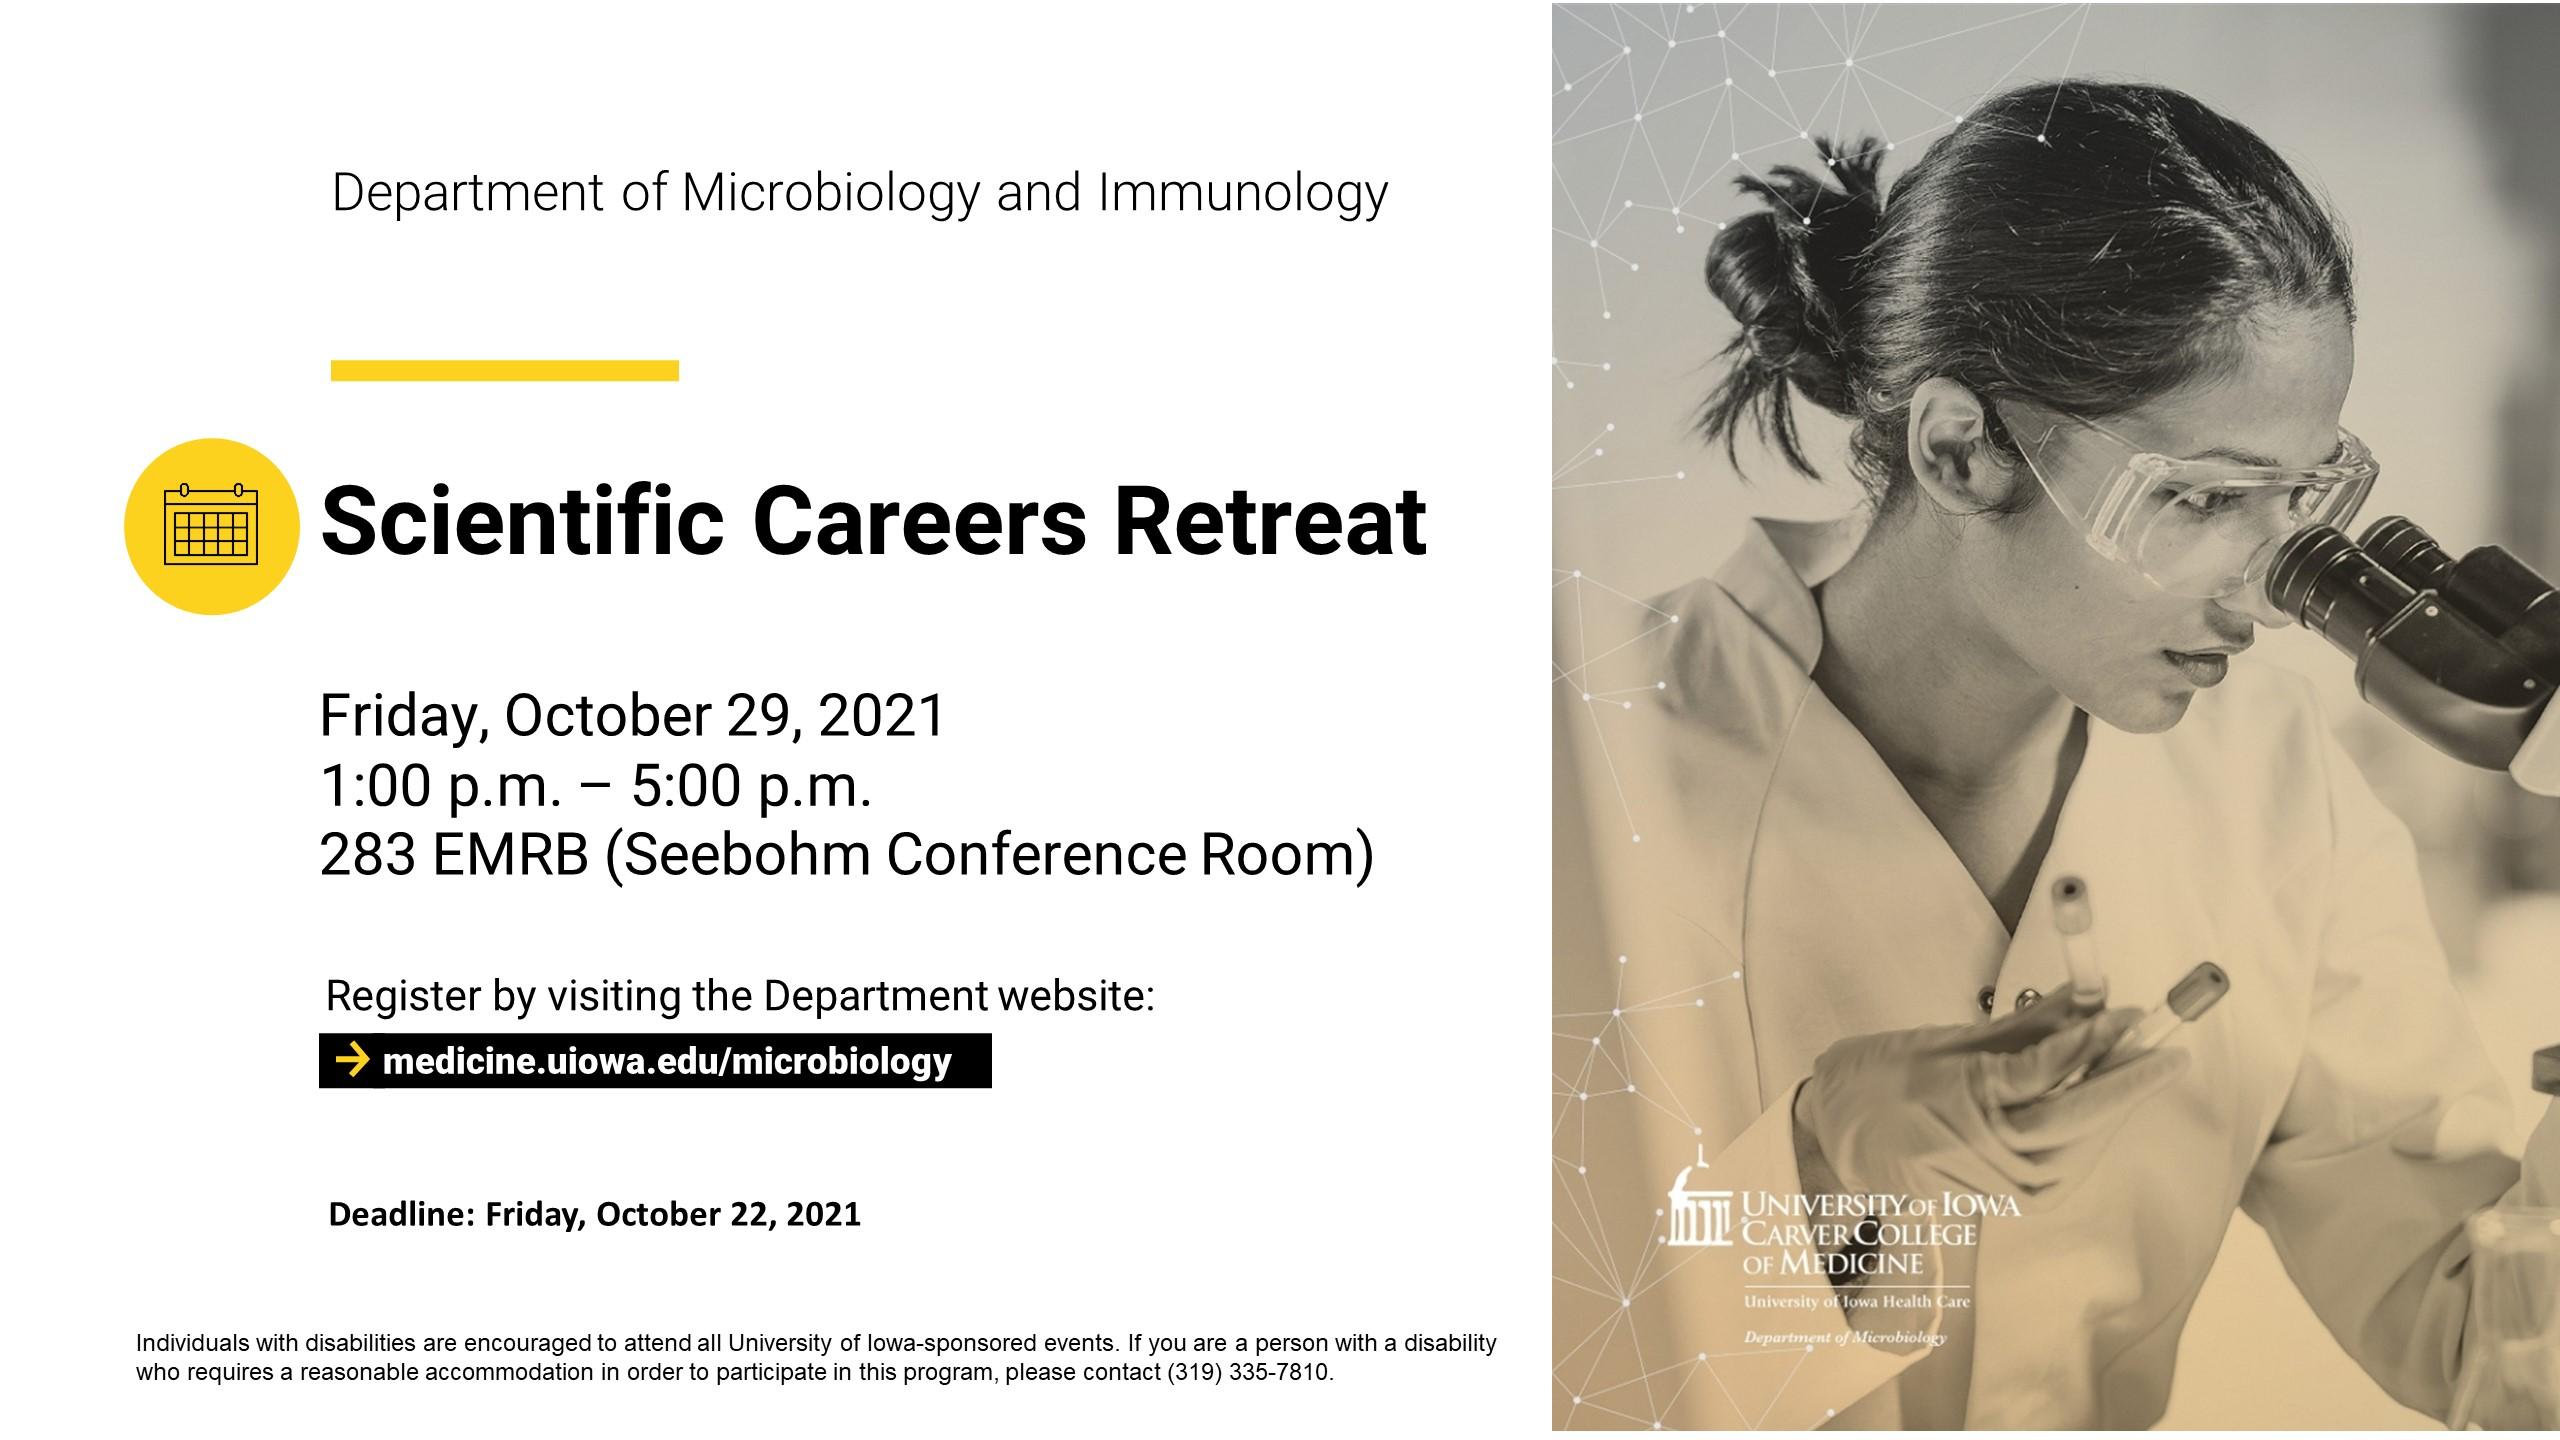 Scientific Careers Retreat promotional image